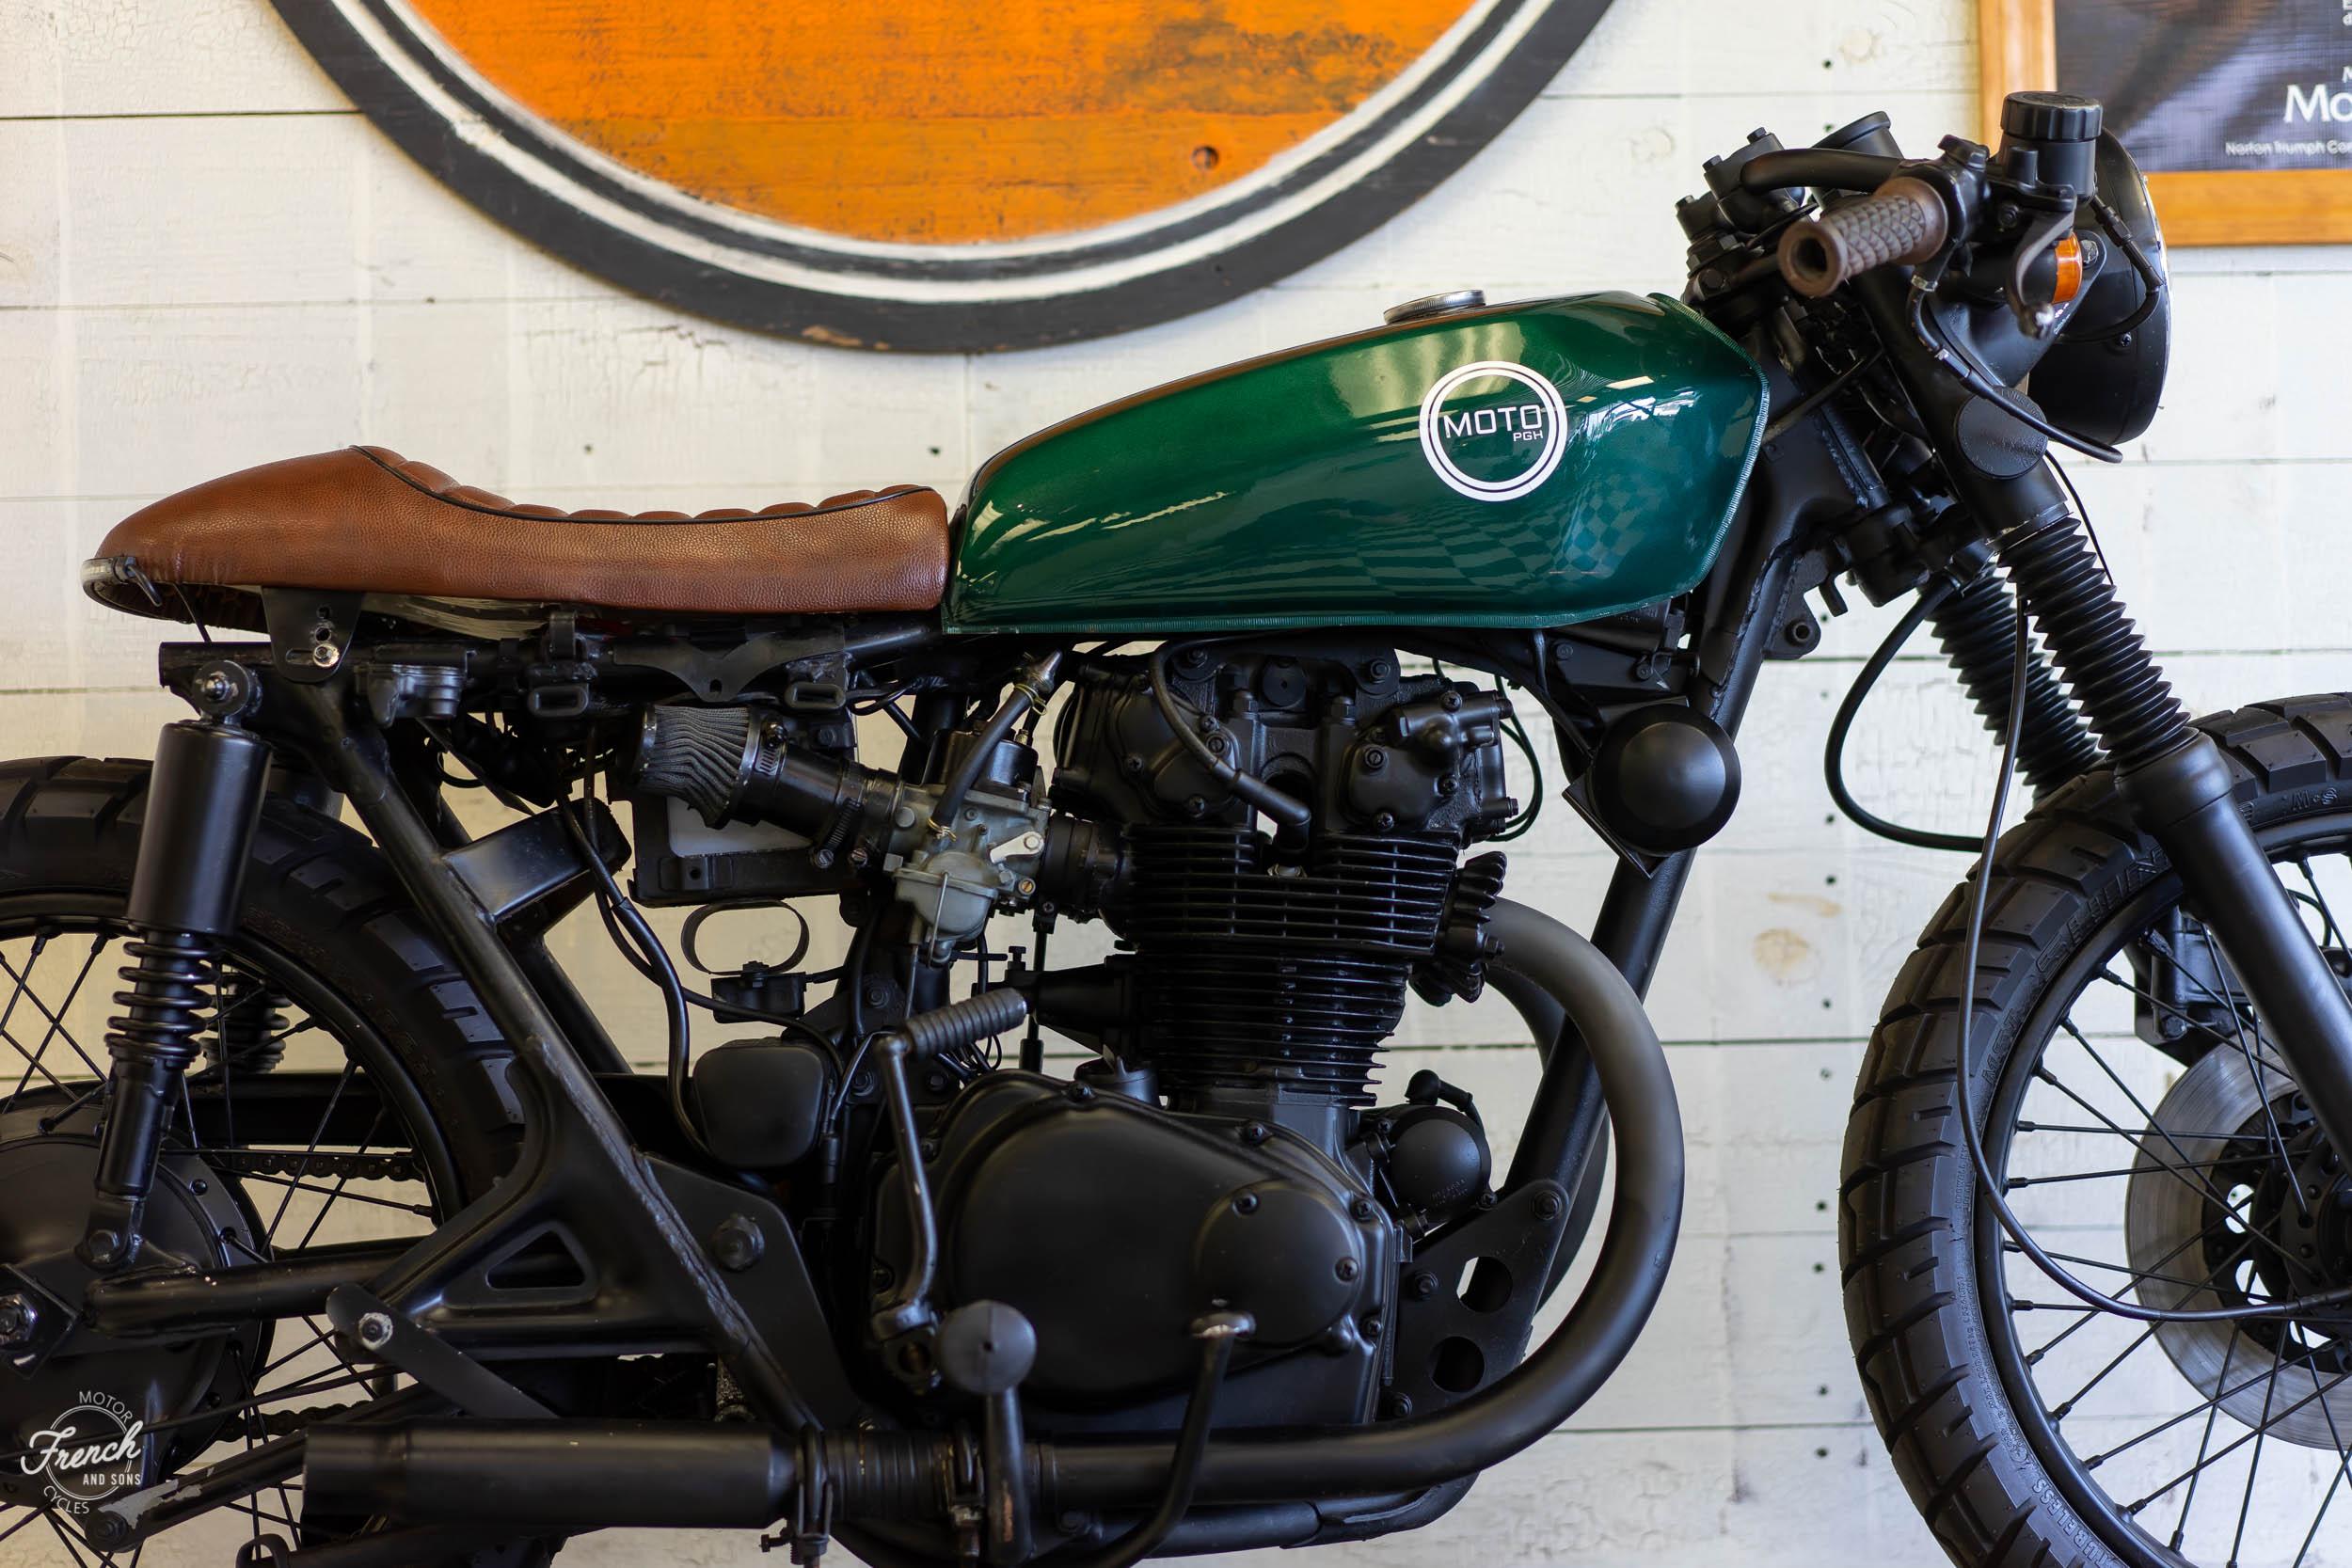 1974_honda_cb450_cafe_racer-4.jpg